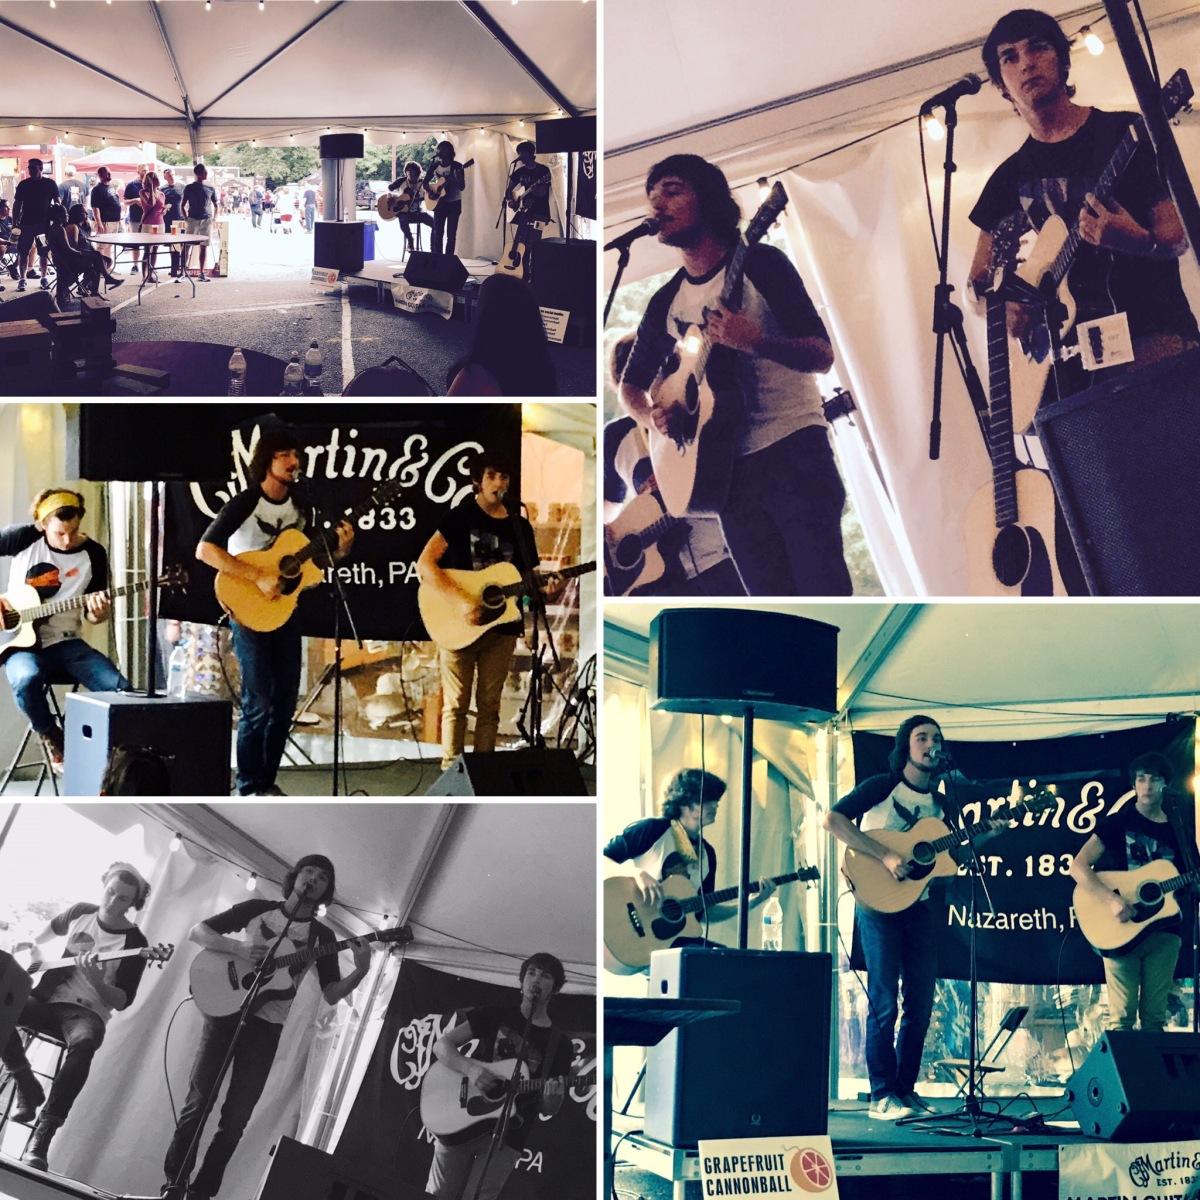 Musikfest - Yuenling Lagerplatz, 8/11/2017